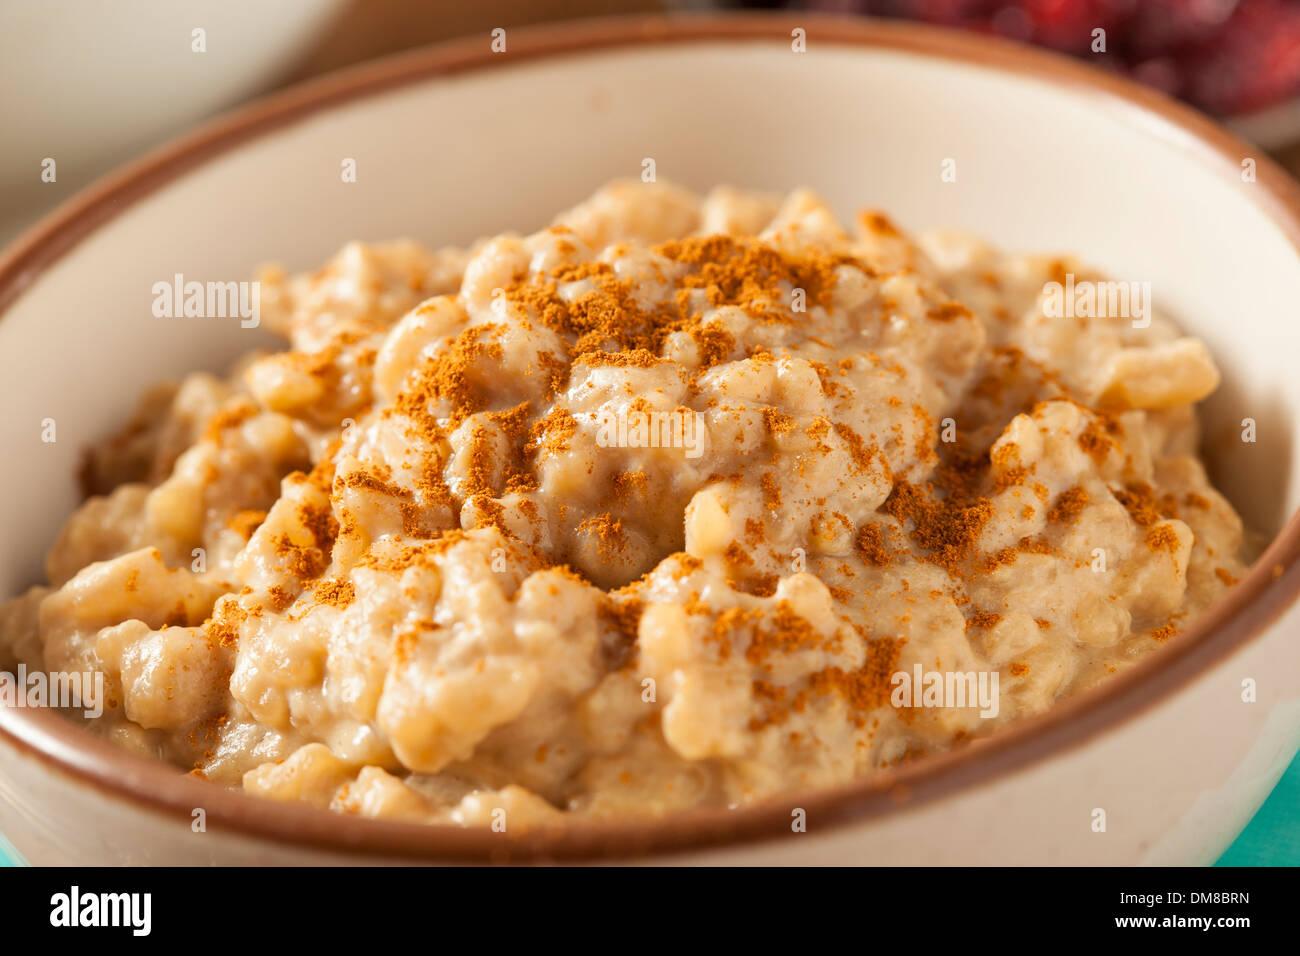 En bonne santé maison Riz au lait avec Cannelle marron Photo Stock